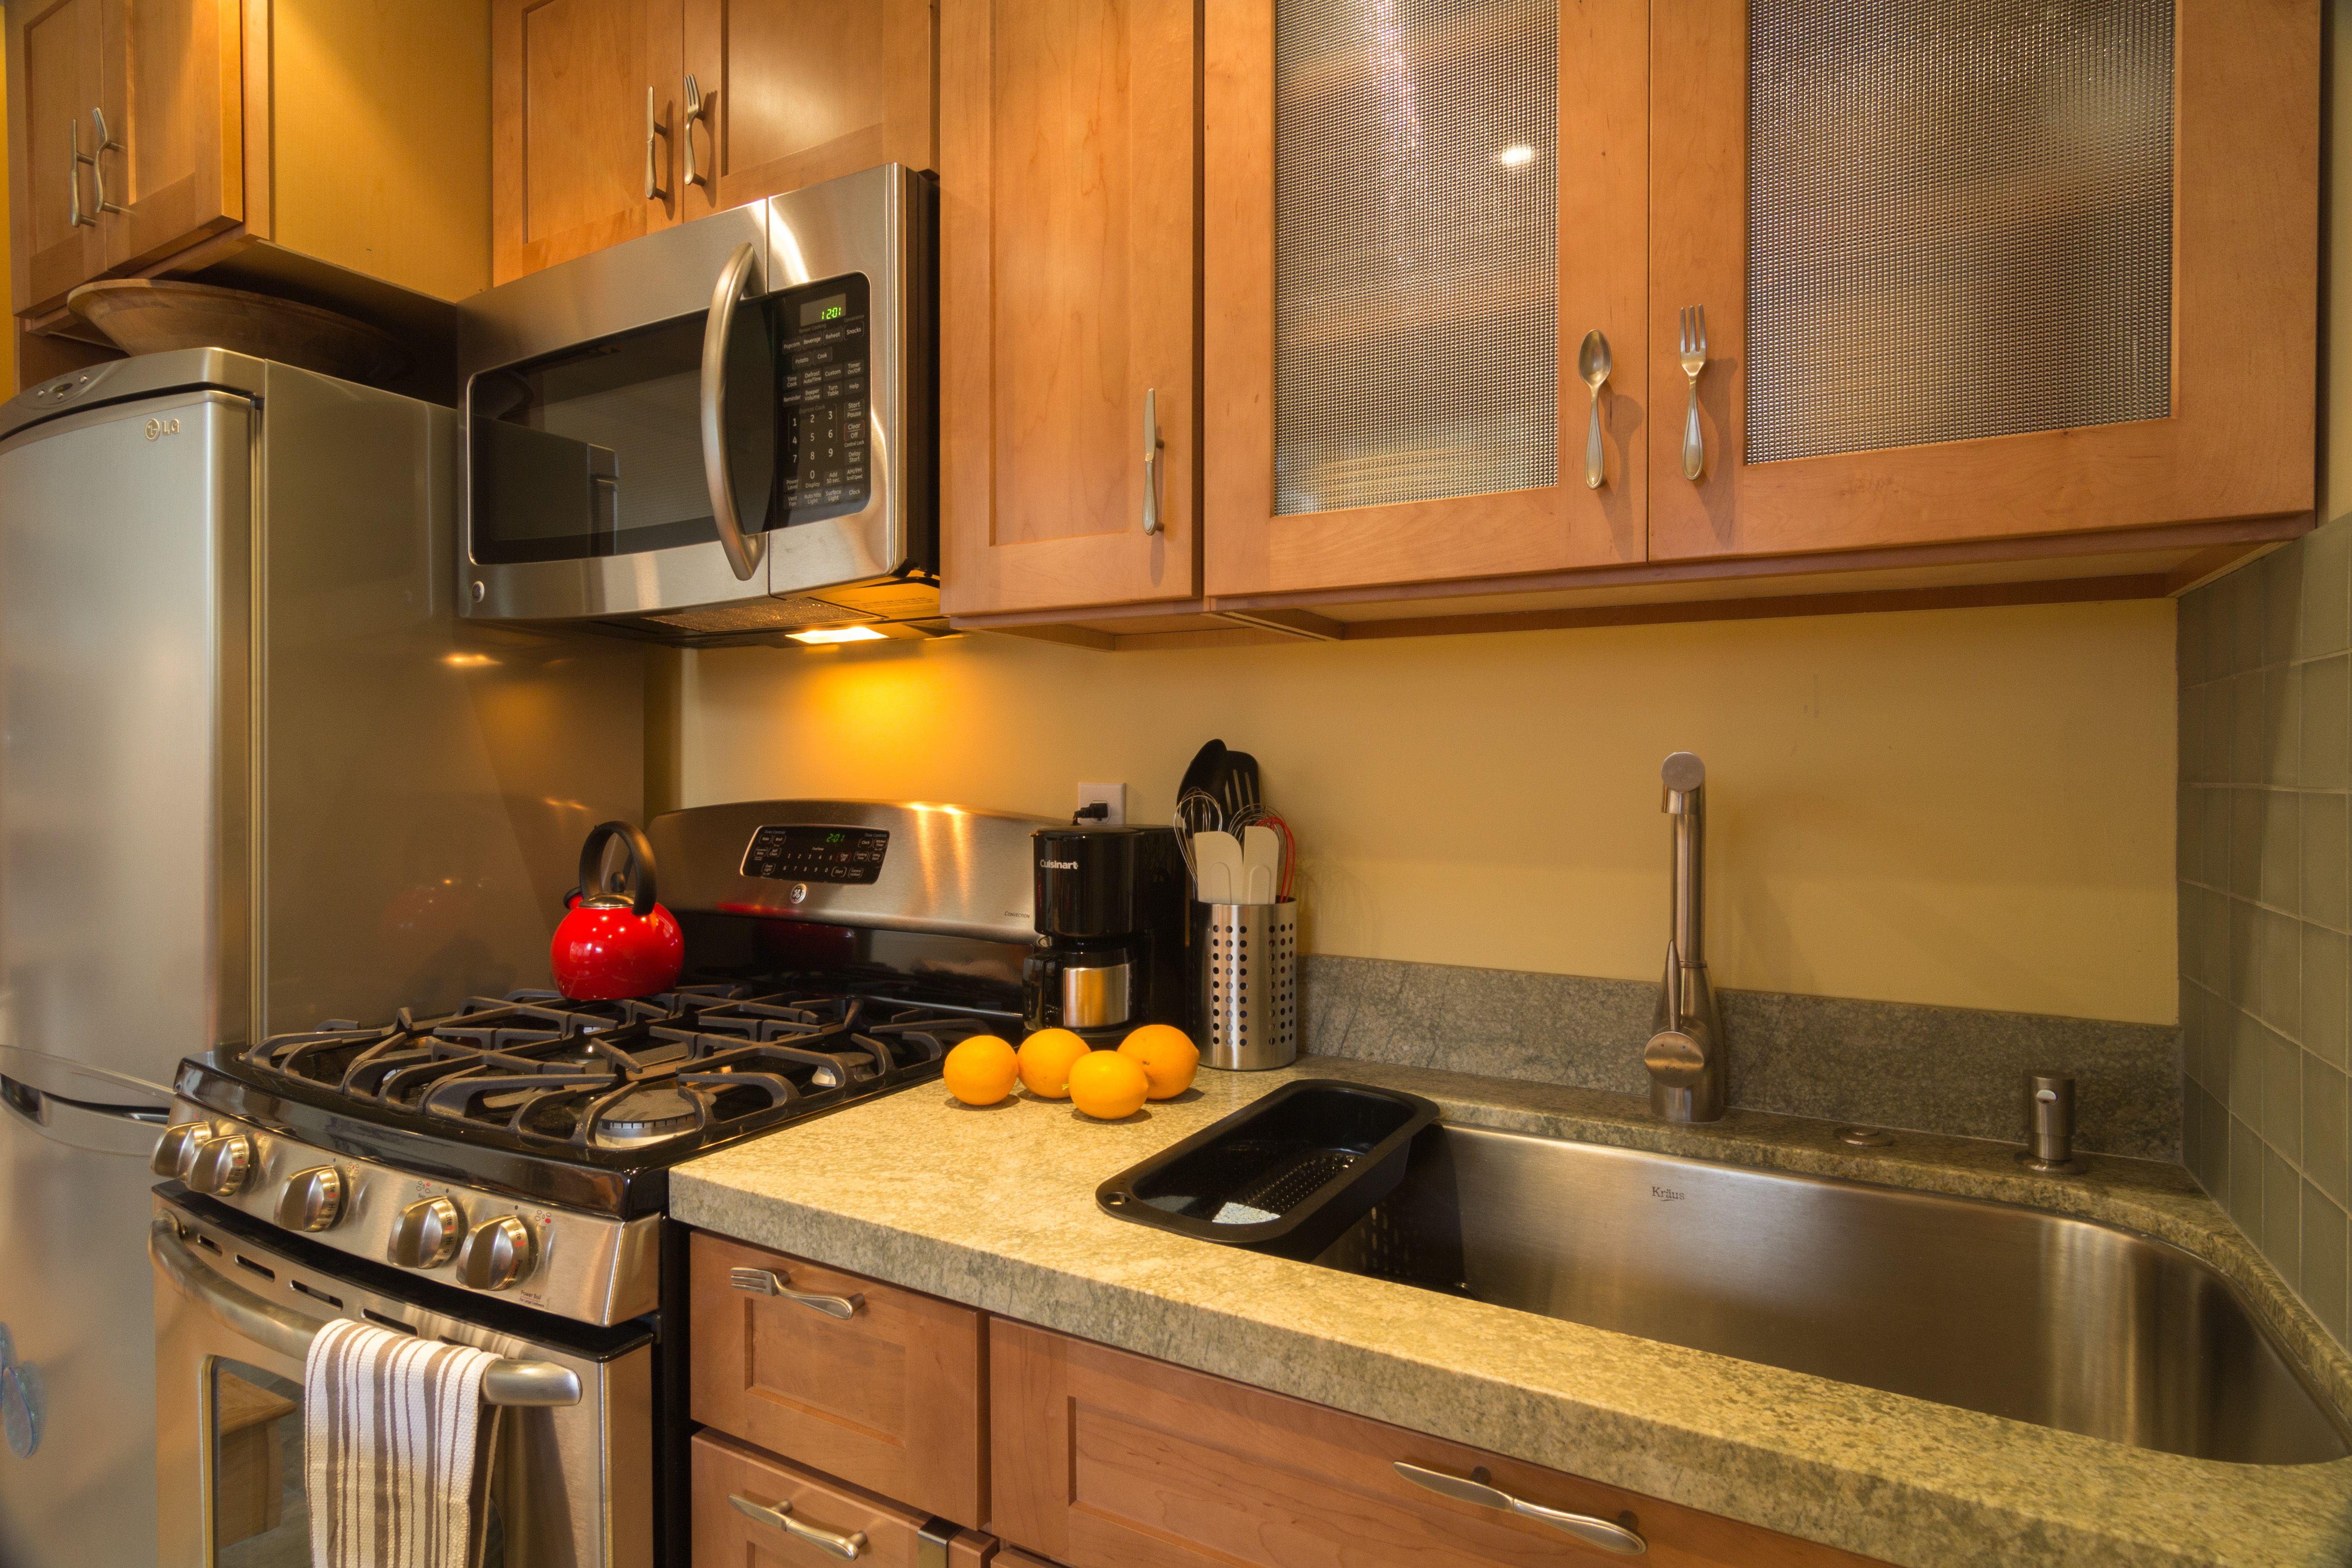 New Avenue : Susanu0027s Cottage   Kitchen, Sink, Oven, Range, Lemons,